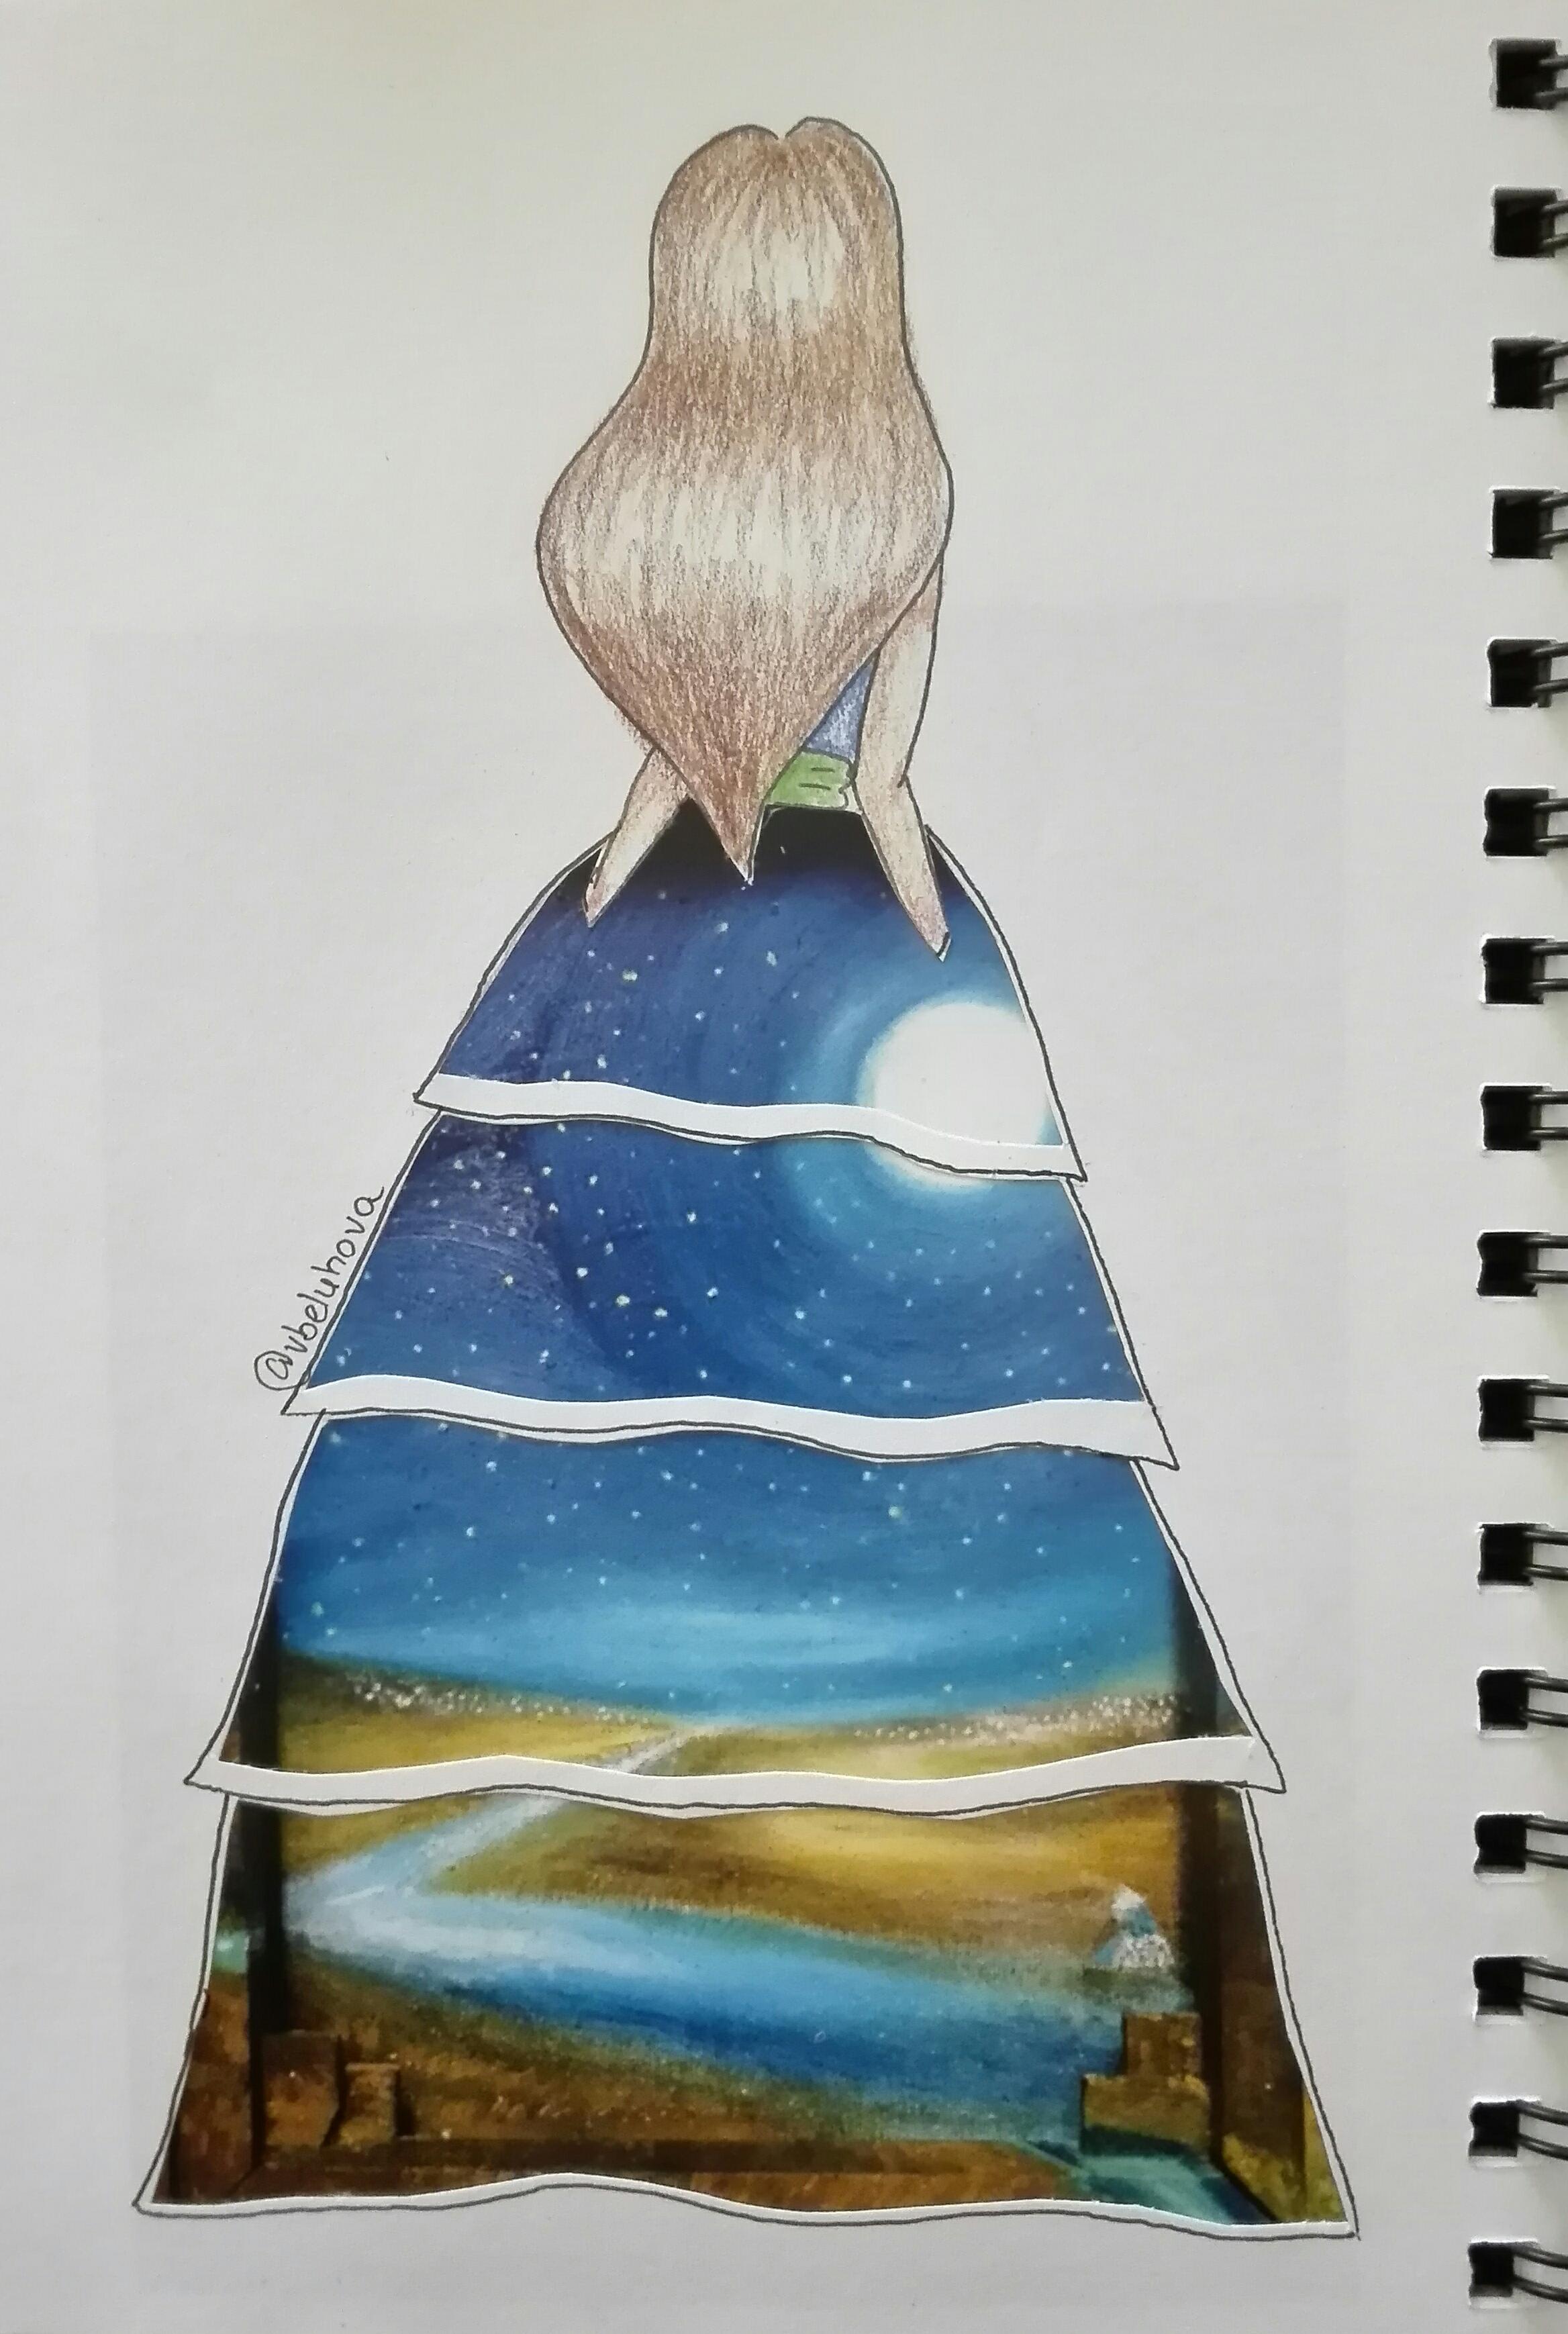 disegno2